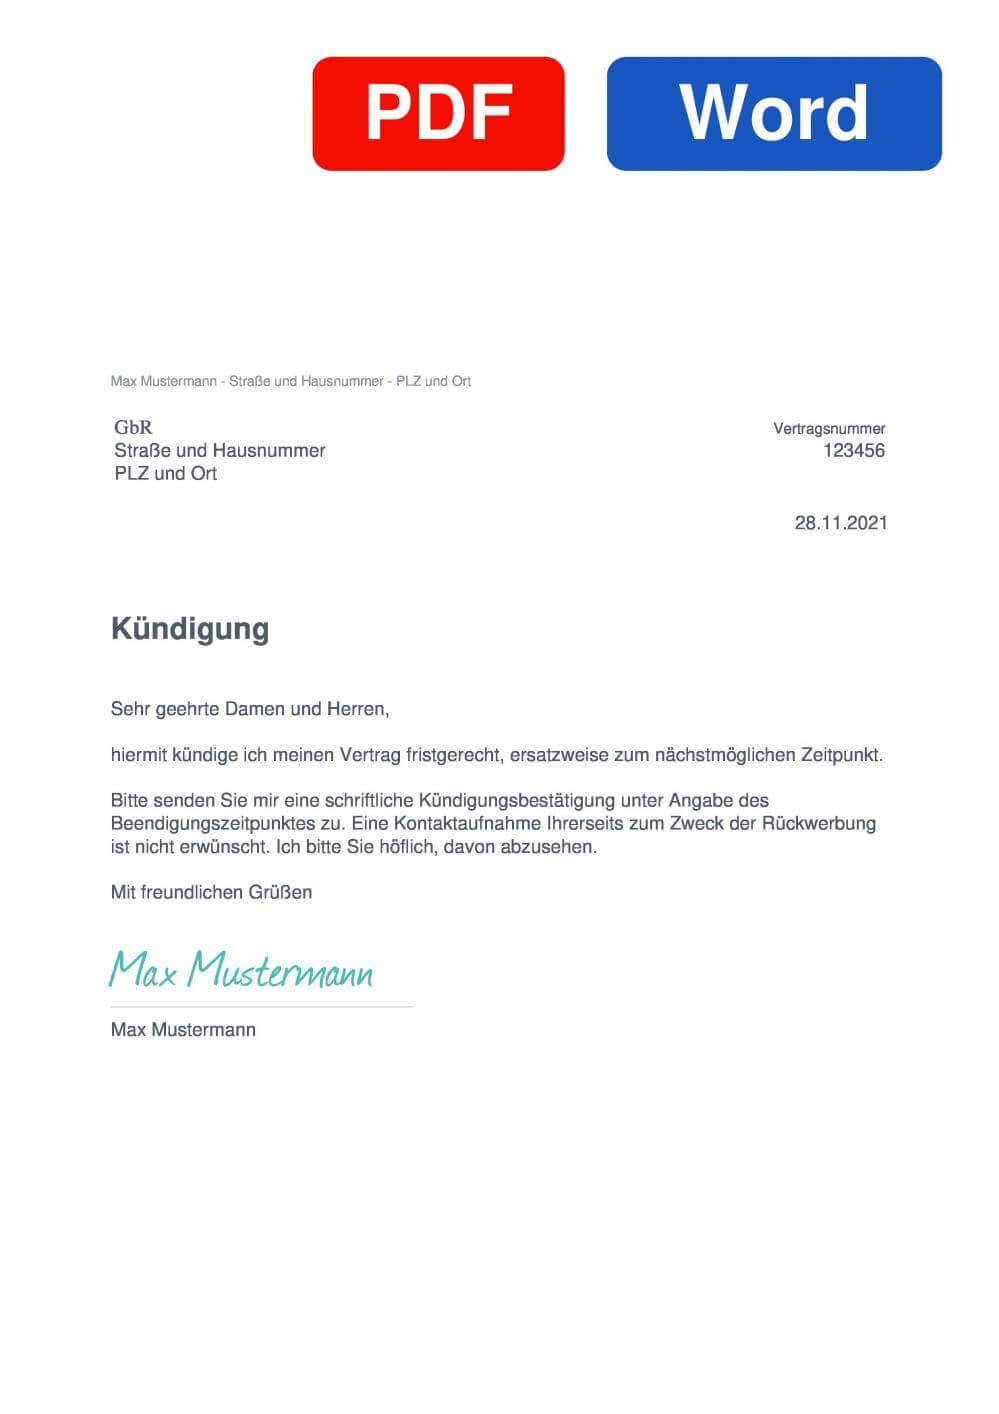 GbR Muster Vorlage für Kündigungsschreiben